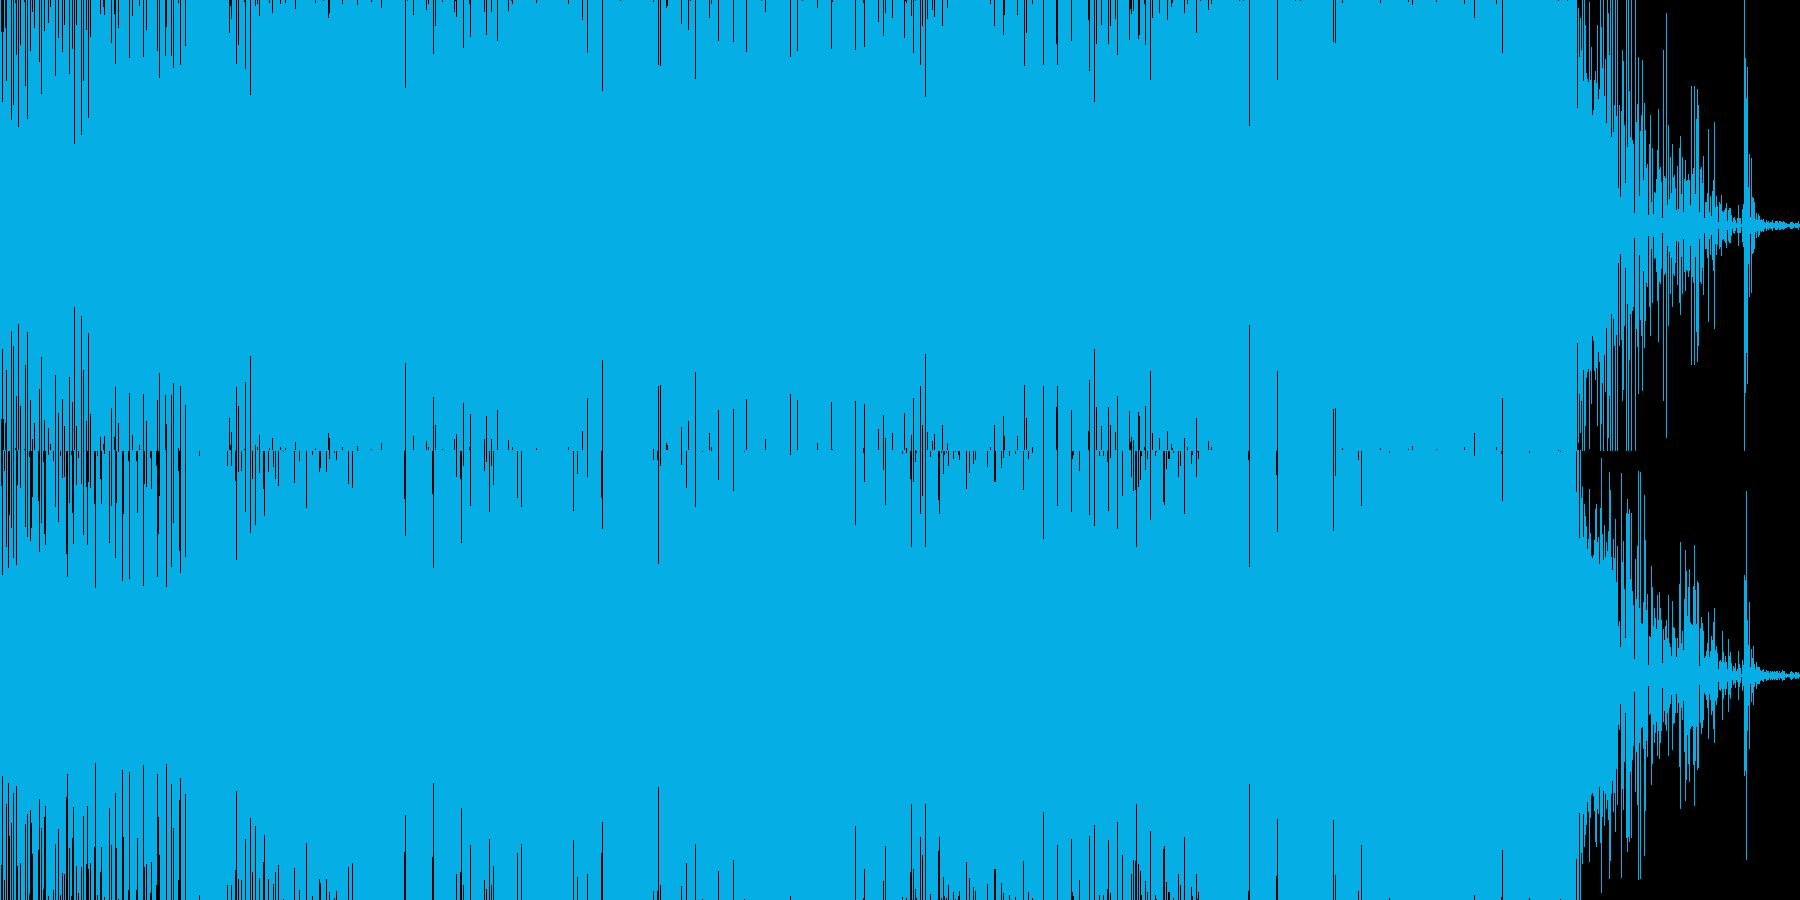 グリッチの聴いたエレクトロニカの再生済みの波形